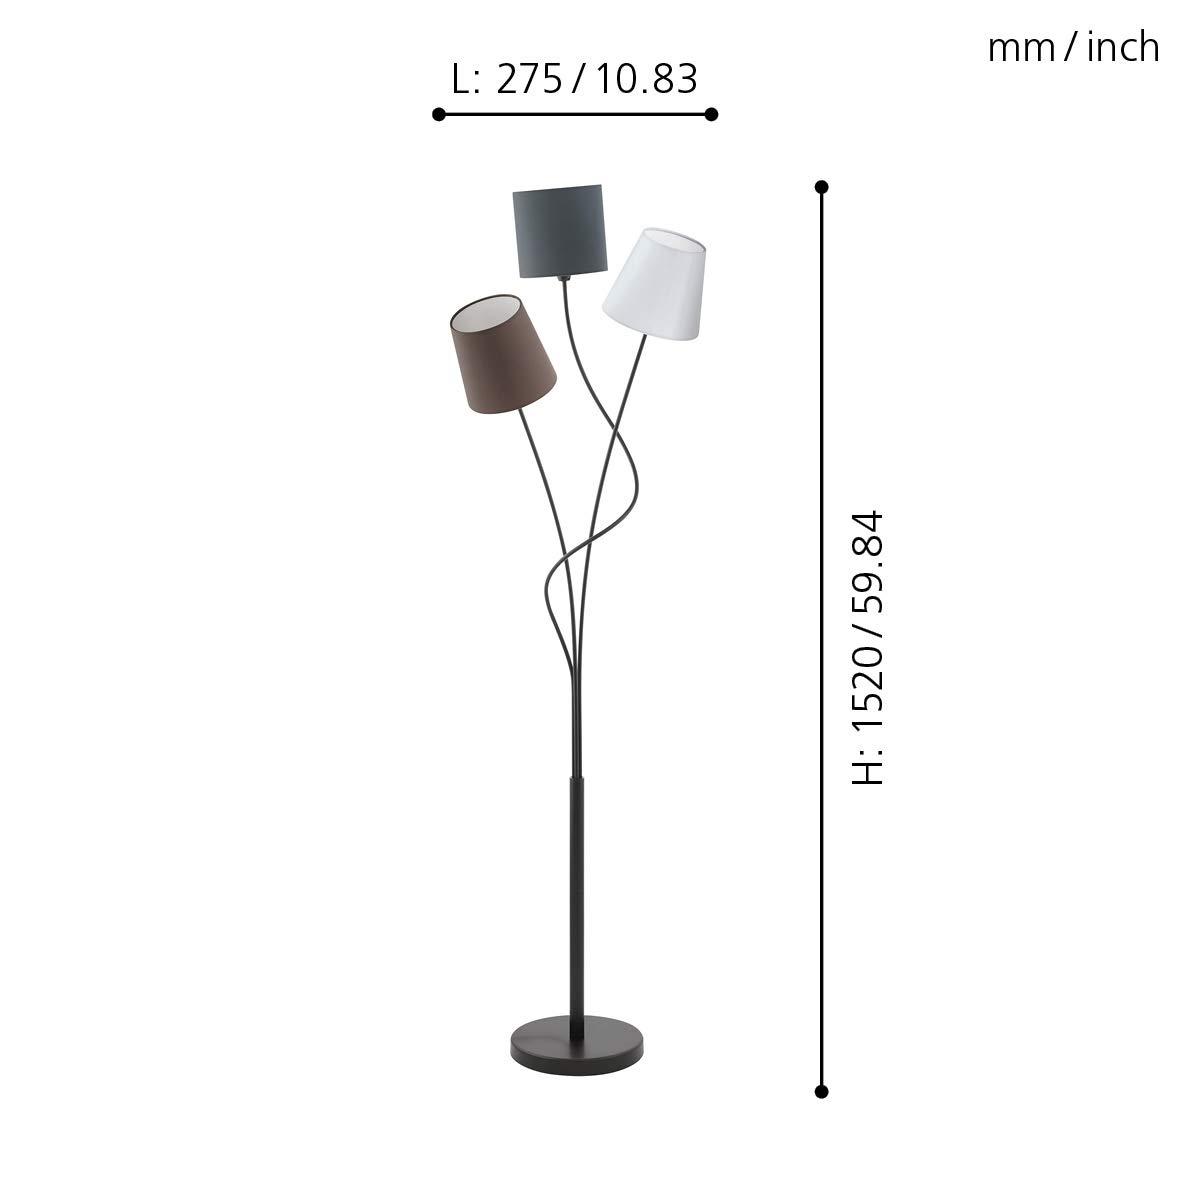 Moderne Design Stehlampe f/ür das Wohnzimmer 163x40x35cm gro/ße Standleuchte mit filigranen Stahl Schirmen, H//B//T schwarze Leselampe Kare Design Stehleuchte Flexible Black Cinque